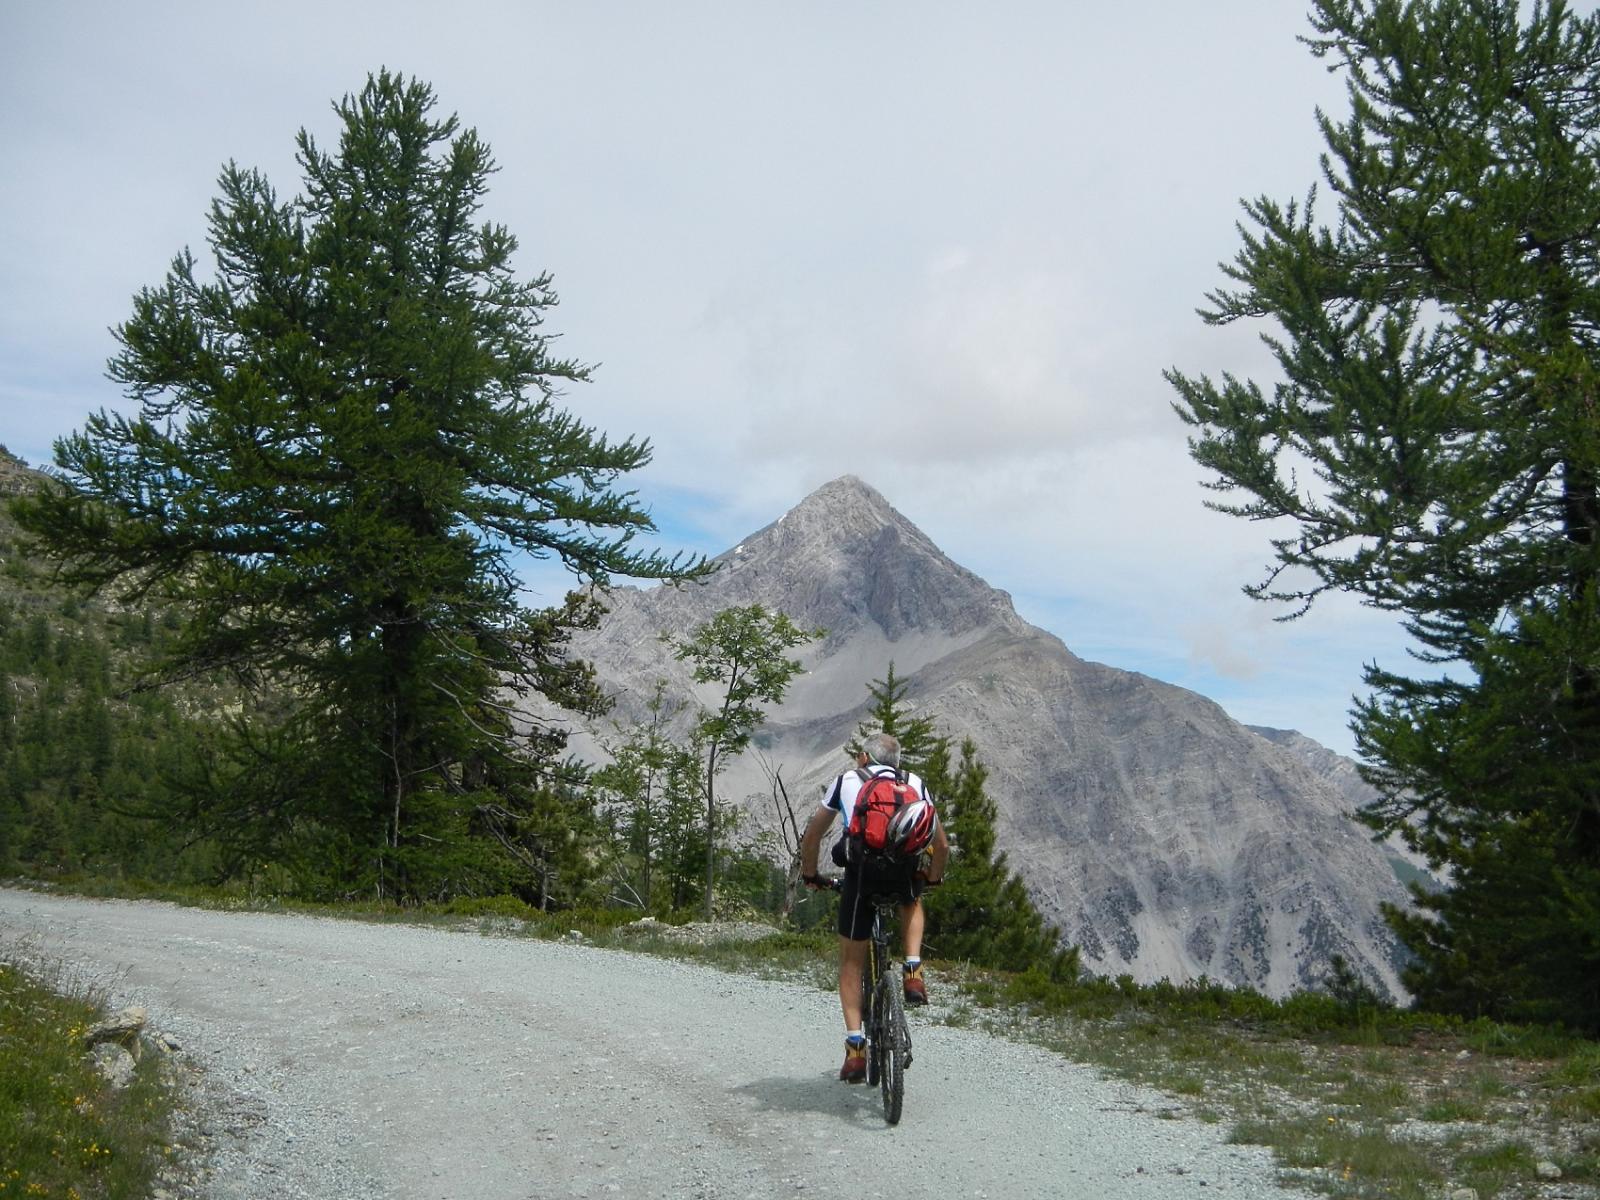 salendo al Colle Bercia; vista sul Monte Chaberton